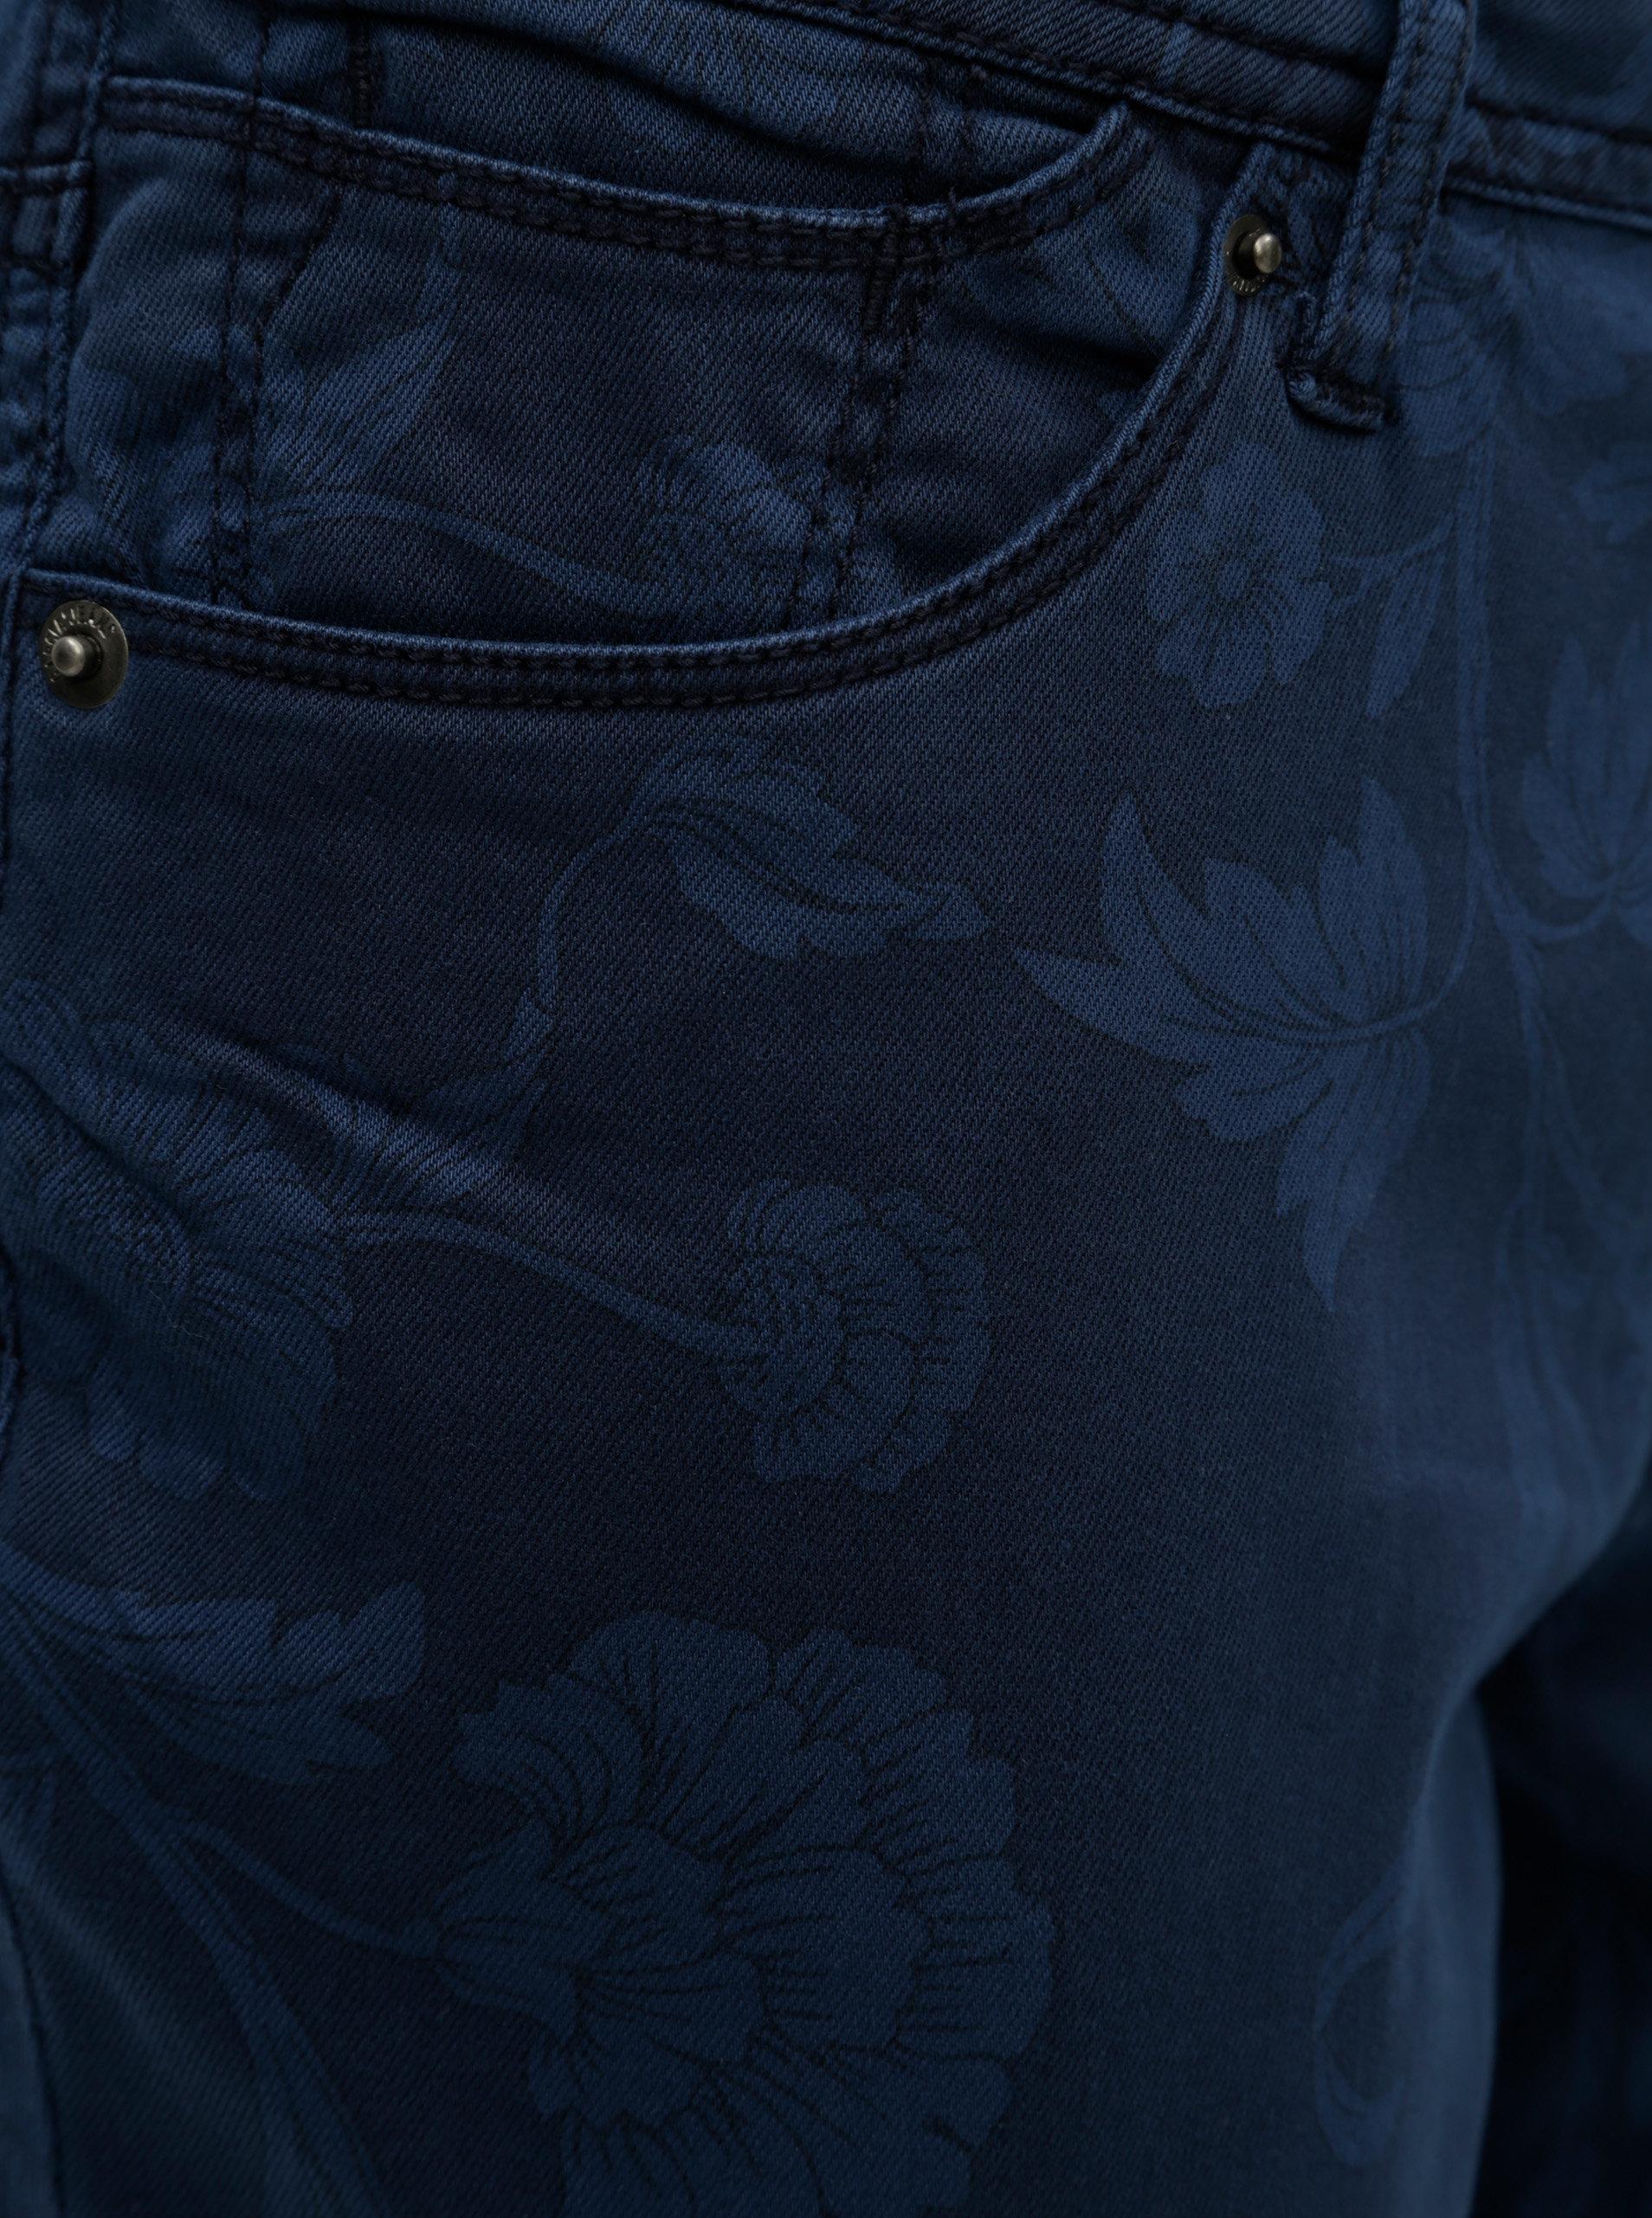 Tmavě modré dámské slim fit džíny Garcia Jeans